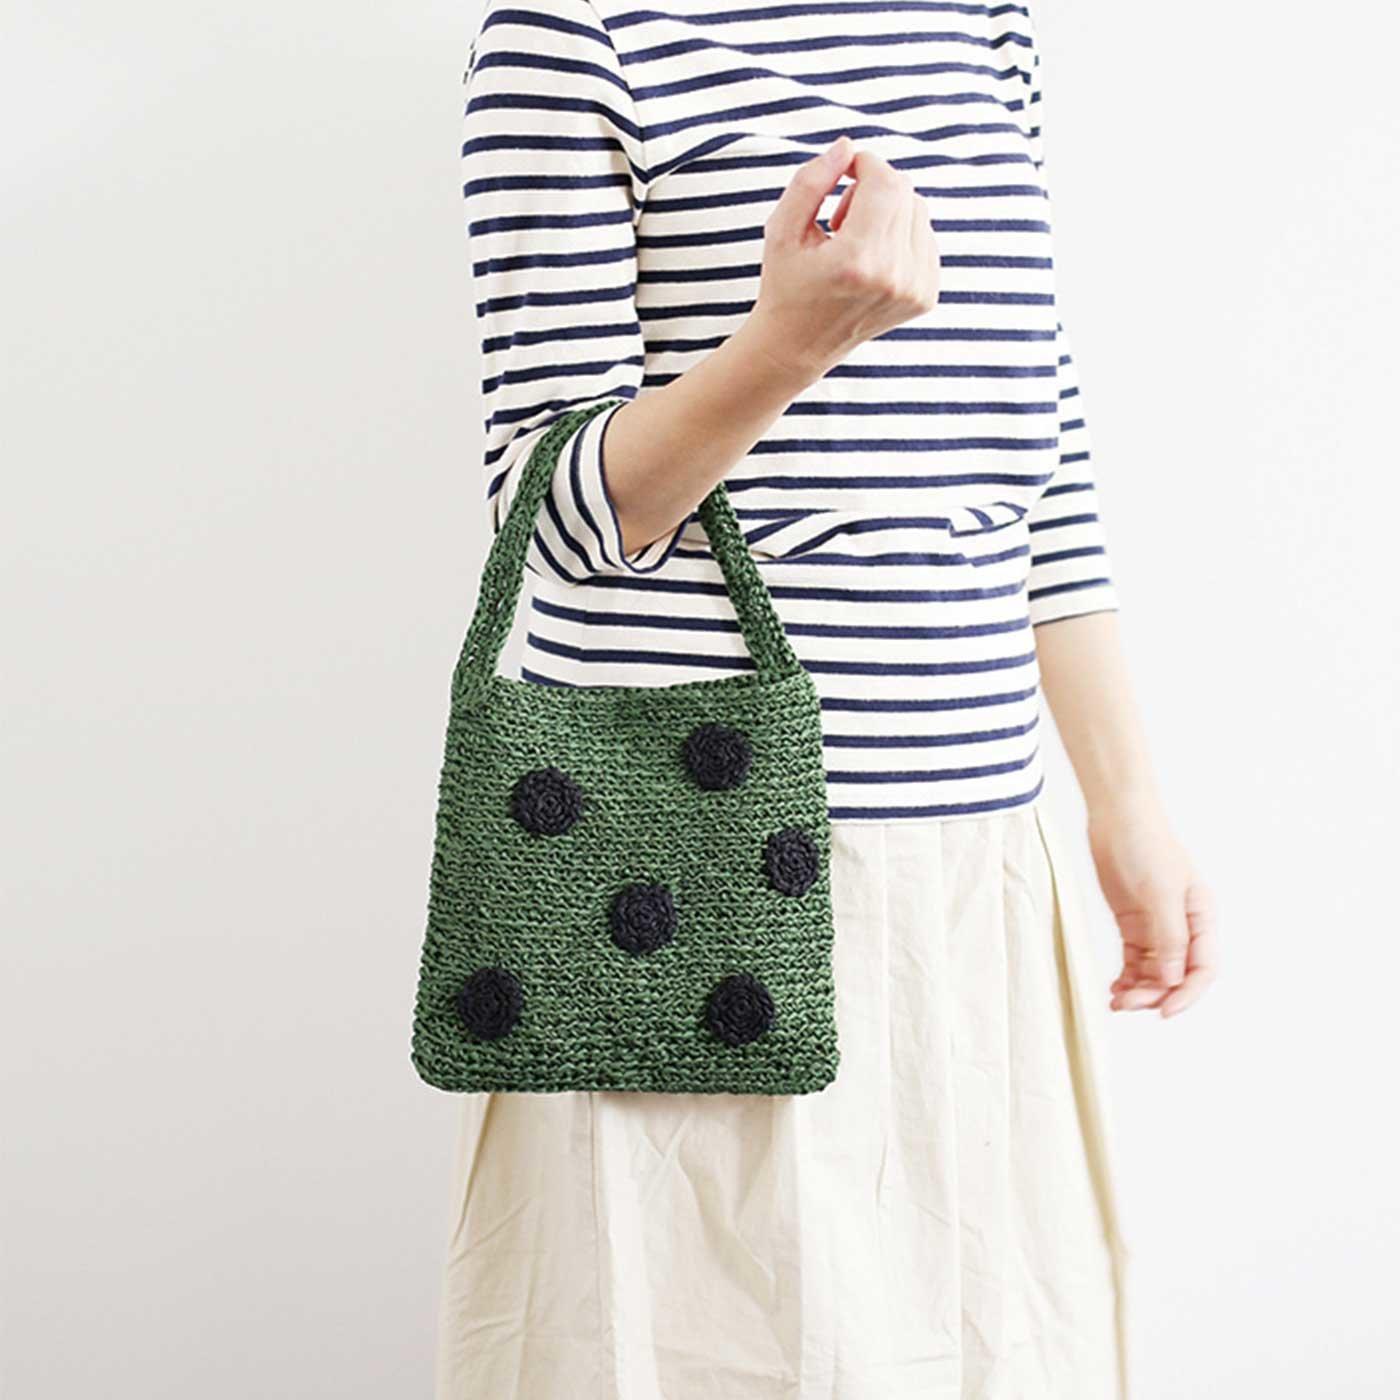 水玉グリーンのバッグが編めるGIMA糸とミニブック「PatternsNote」